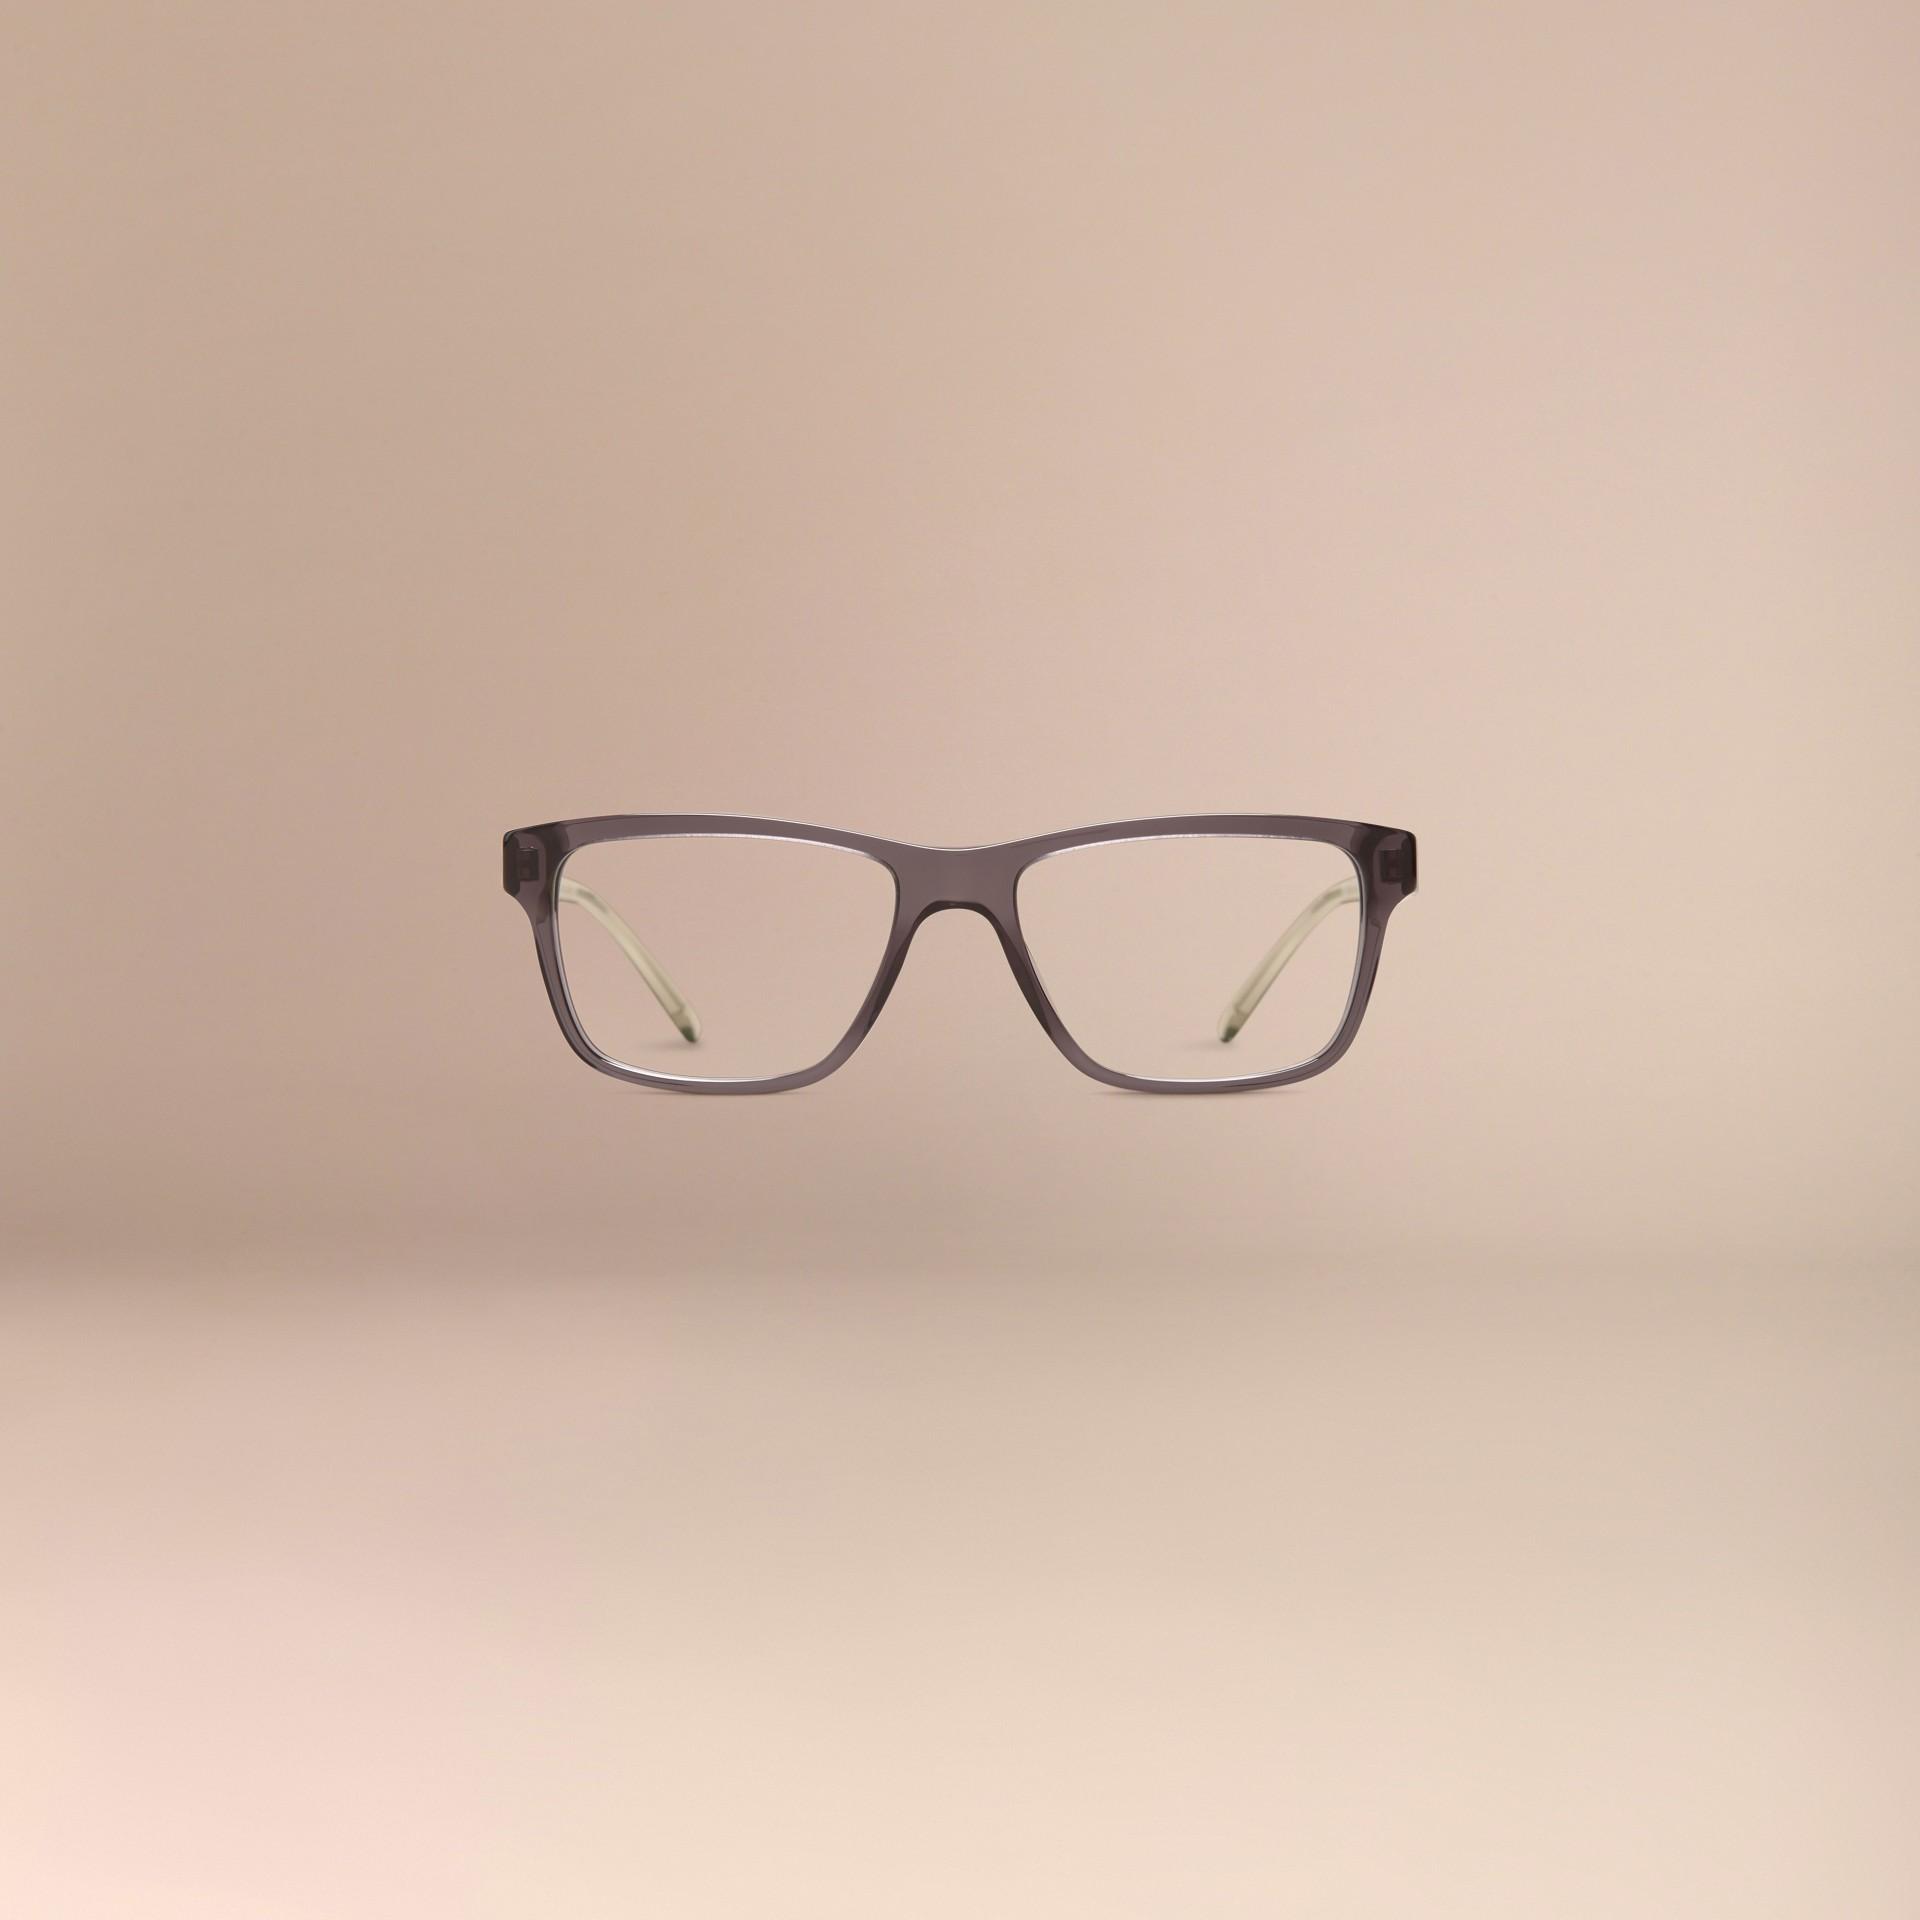 Grigio scuro Montatura da vista rettangolare con dettaglio check Grigio Scuro - immagine della galleria 3